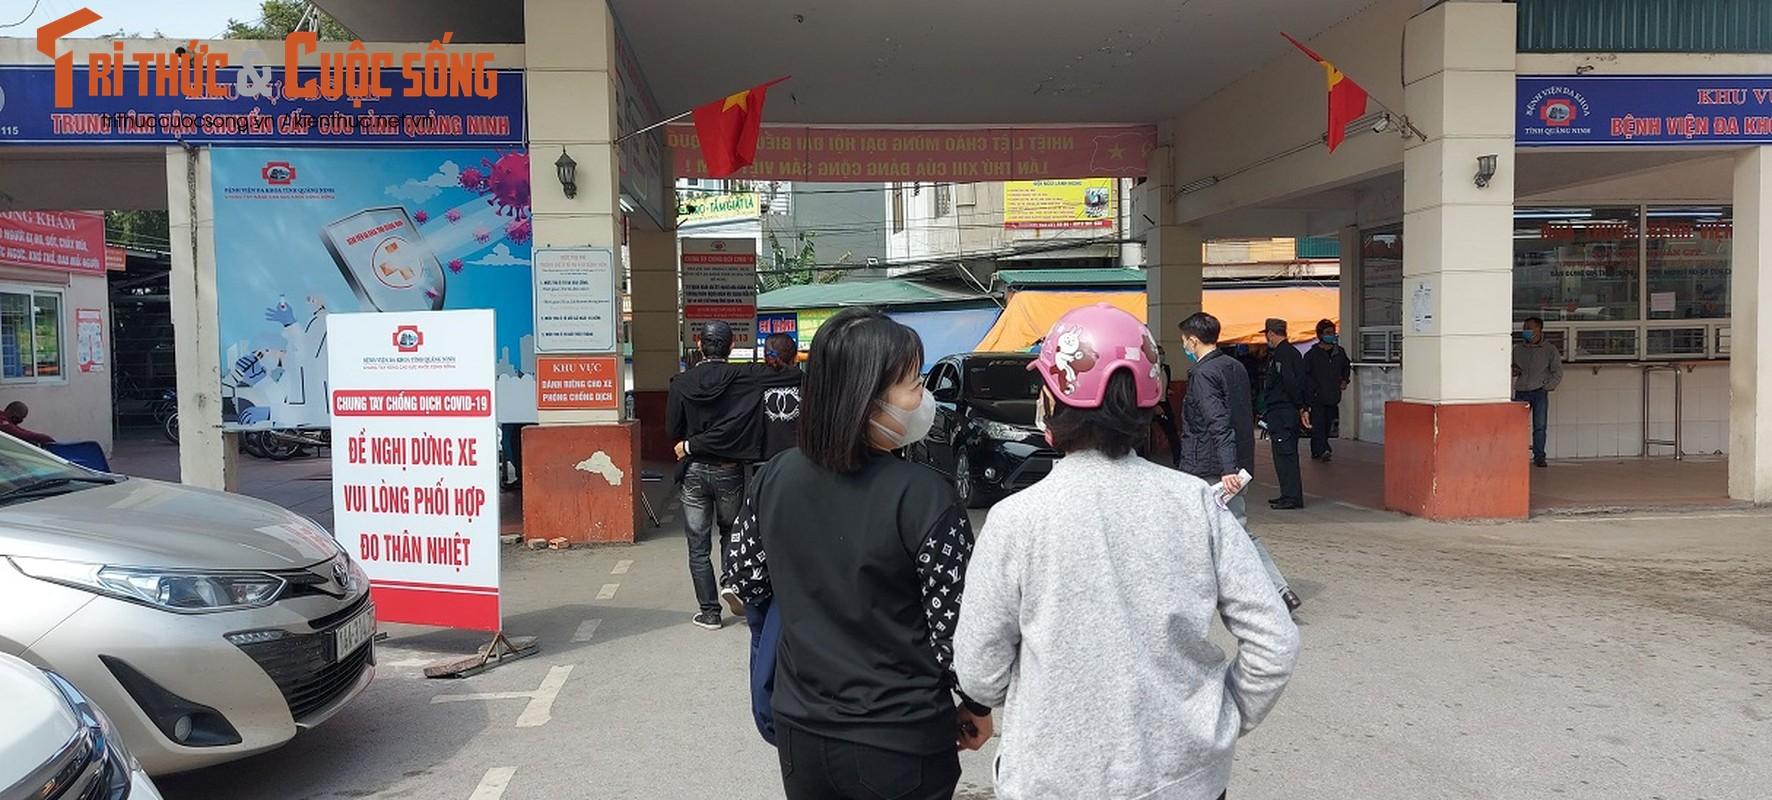 Can canh nguoi Quang Ninh di xet nghiem COVID-19 tra phi tai Benh vien-Hinh-2